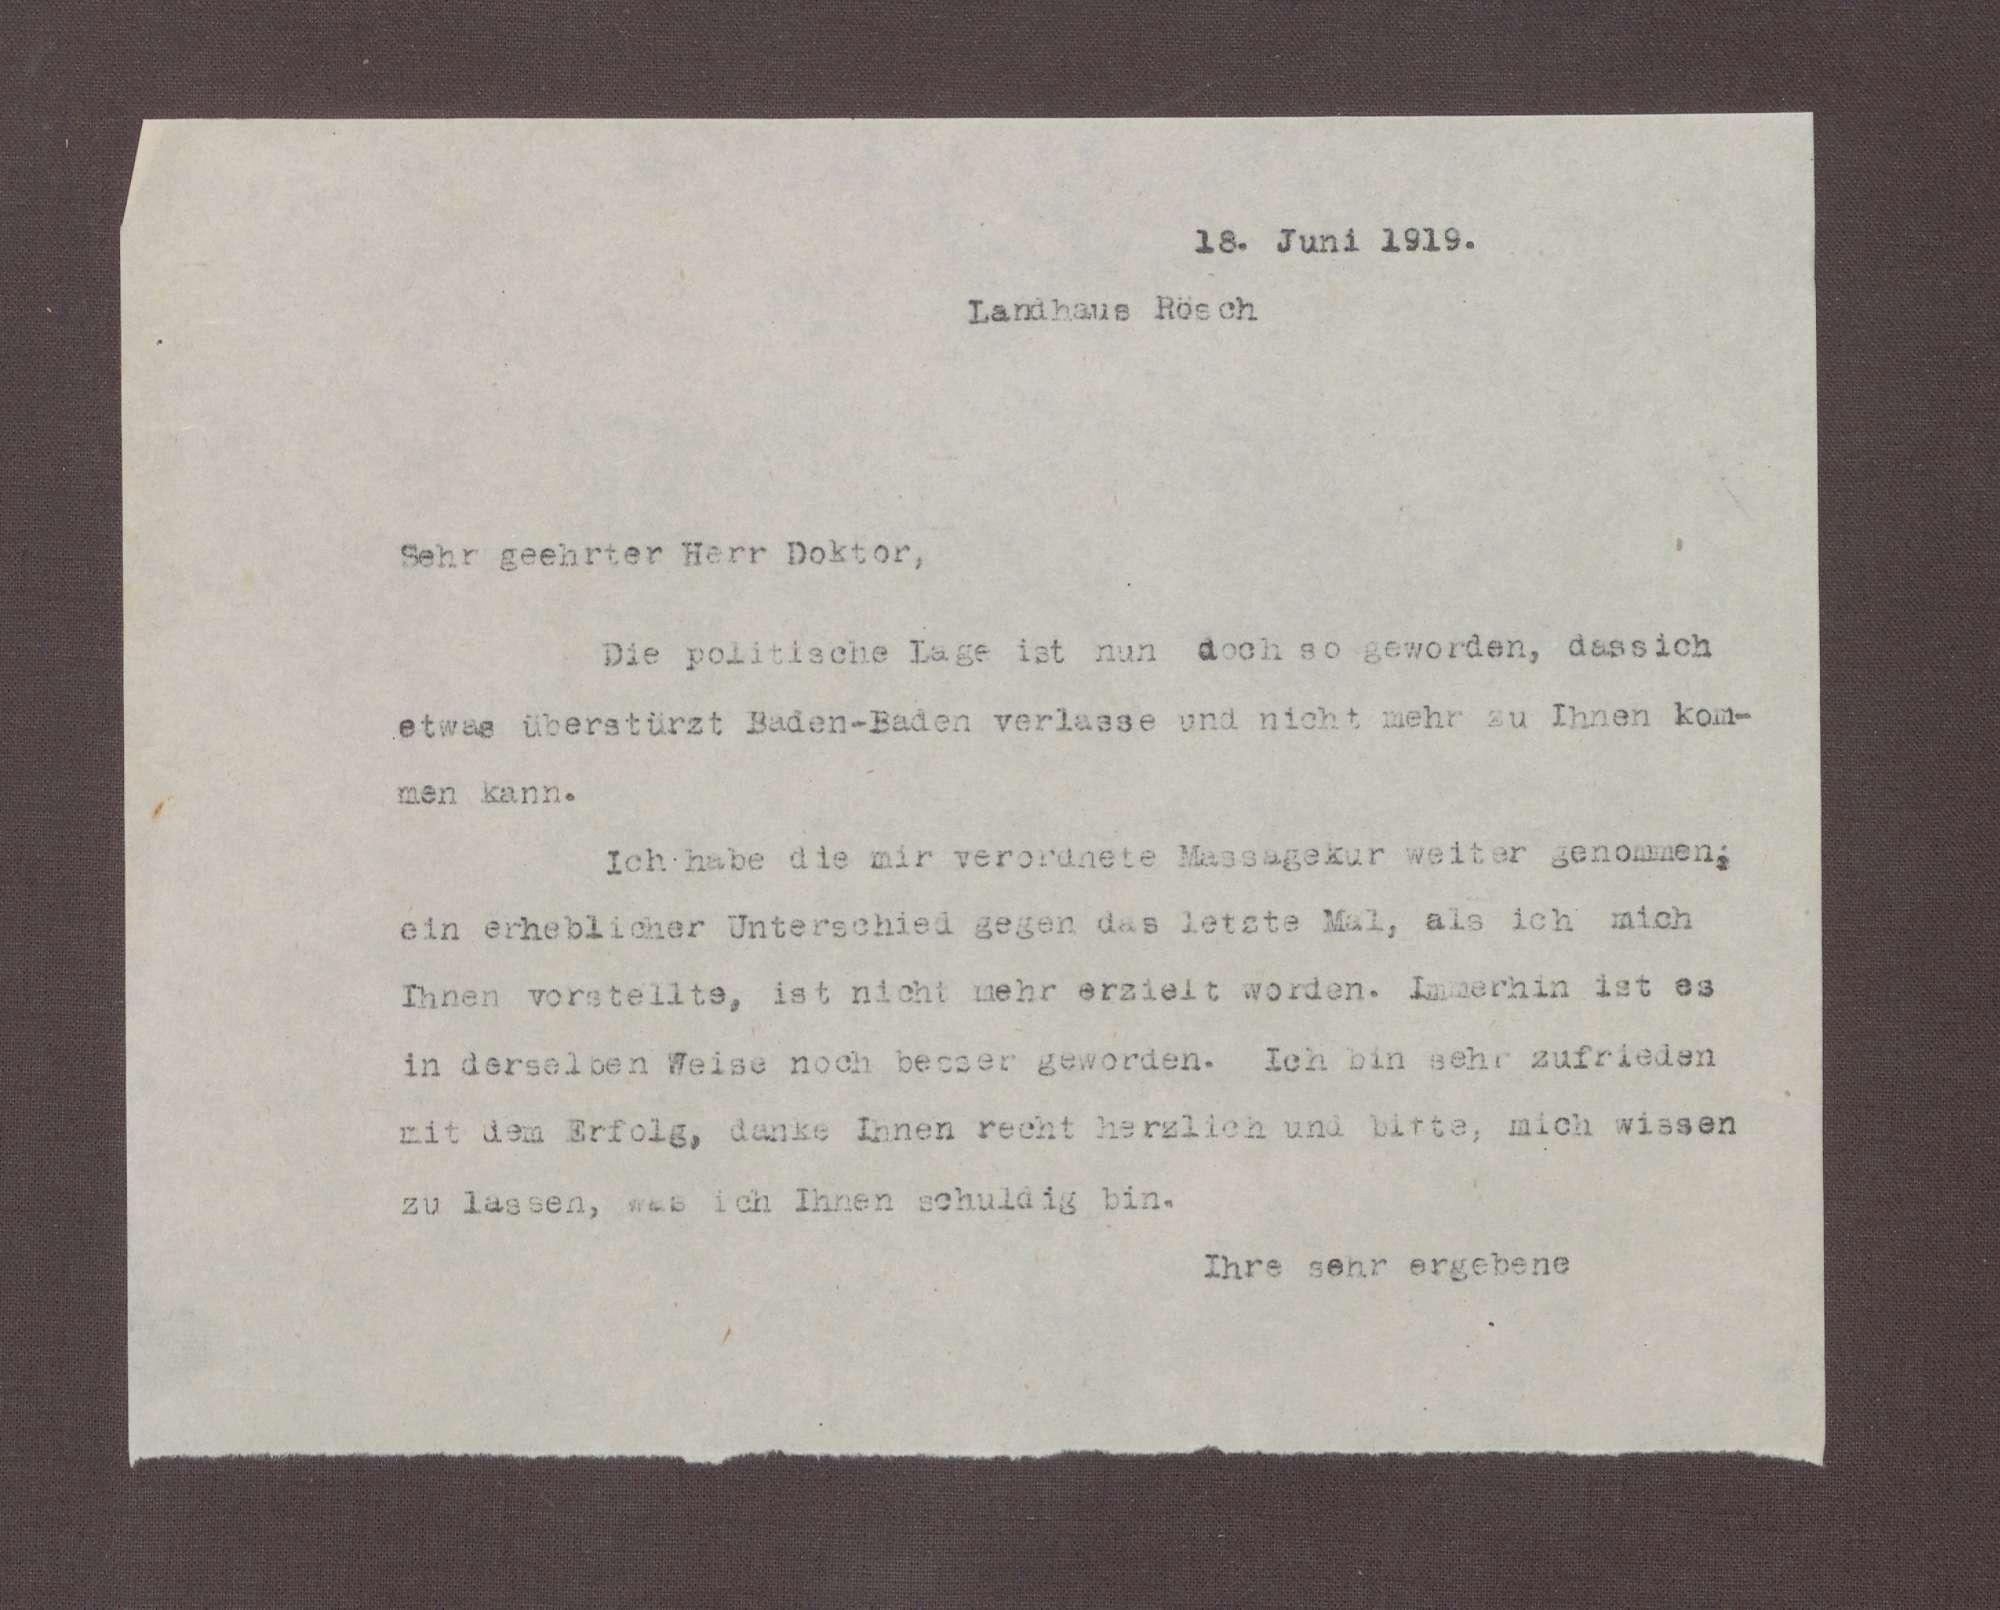 Schreiben [von Lina Richter?] an einen Doktor; überstürzte Abreise aus Baden-Baden, Bild 1